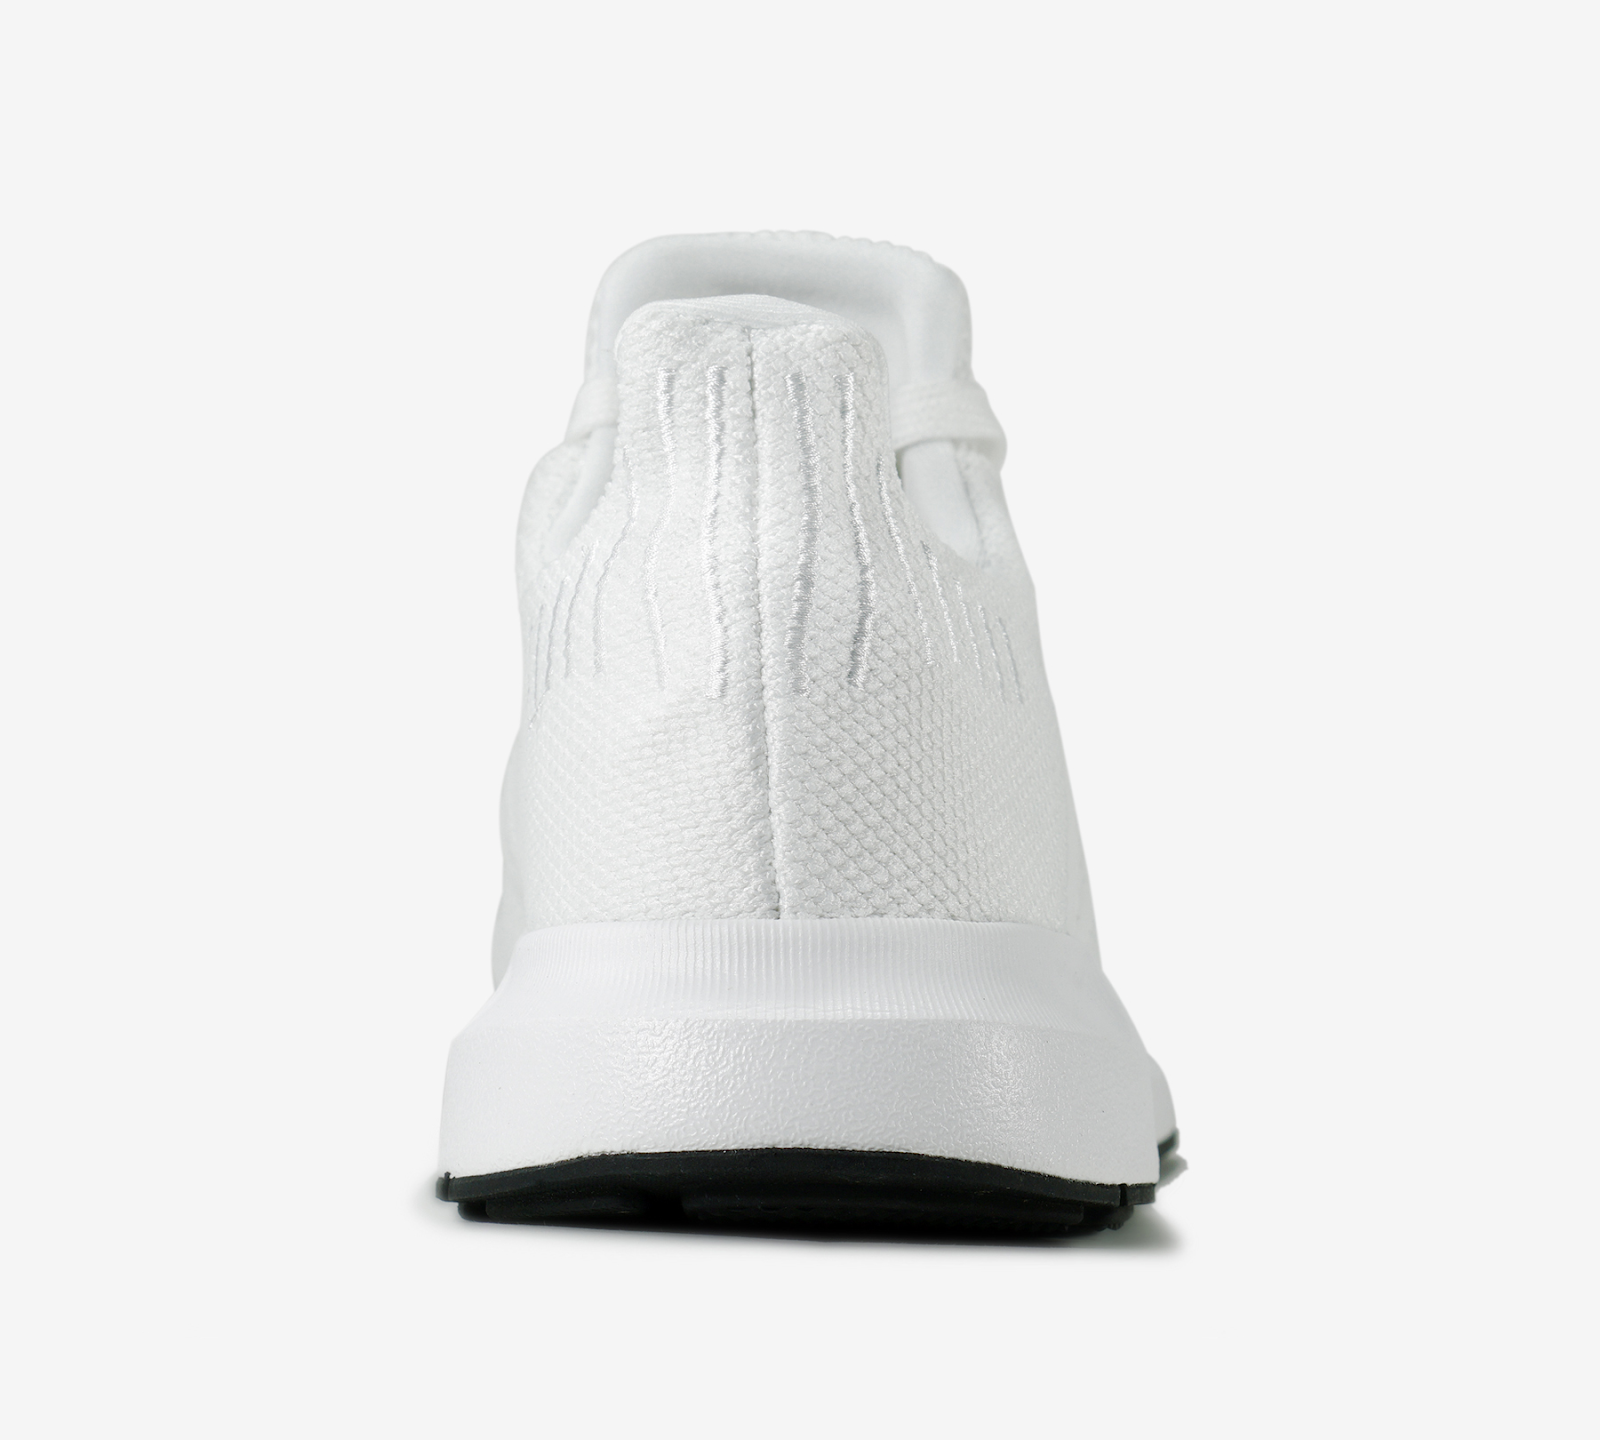 Review mới nhất về giày adidas swift run